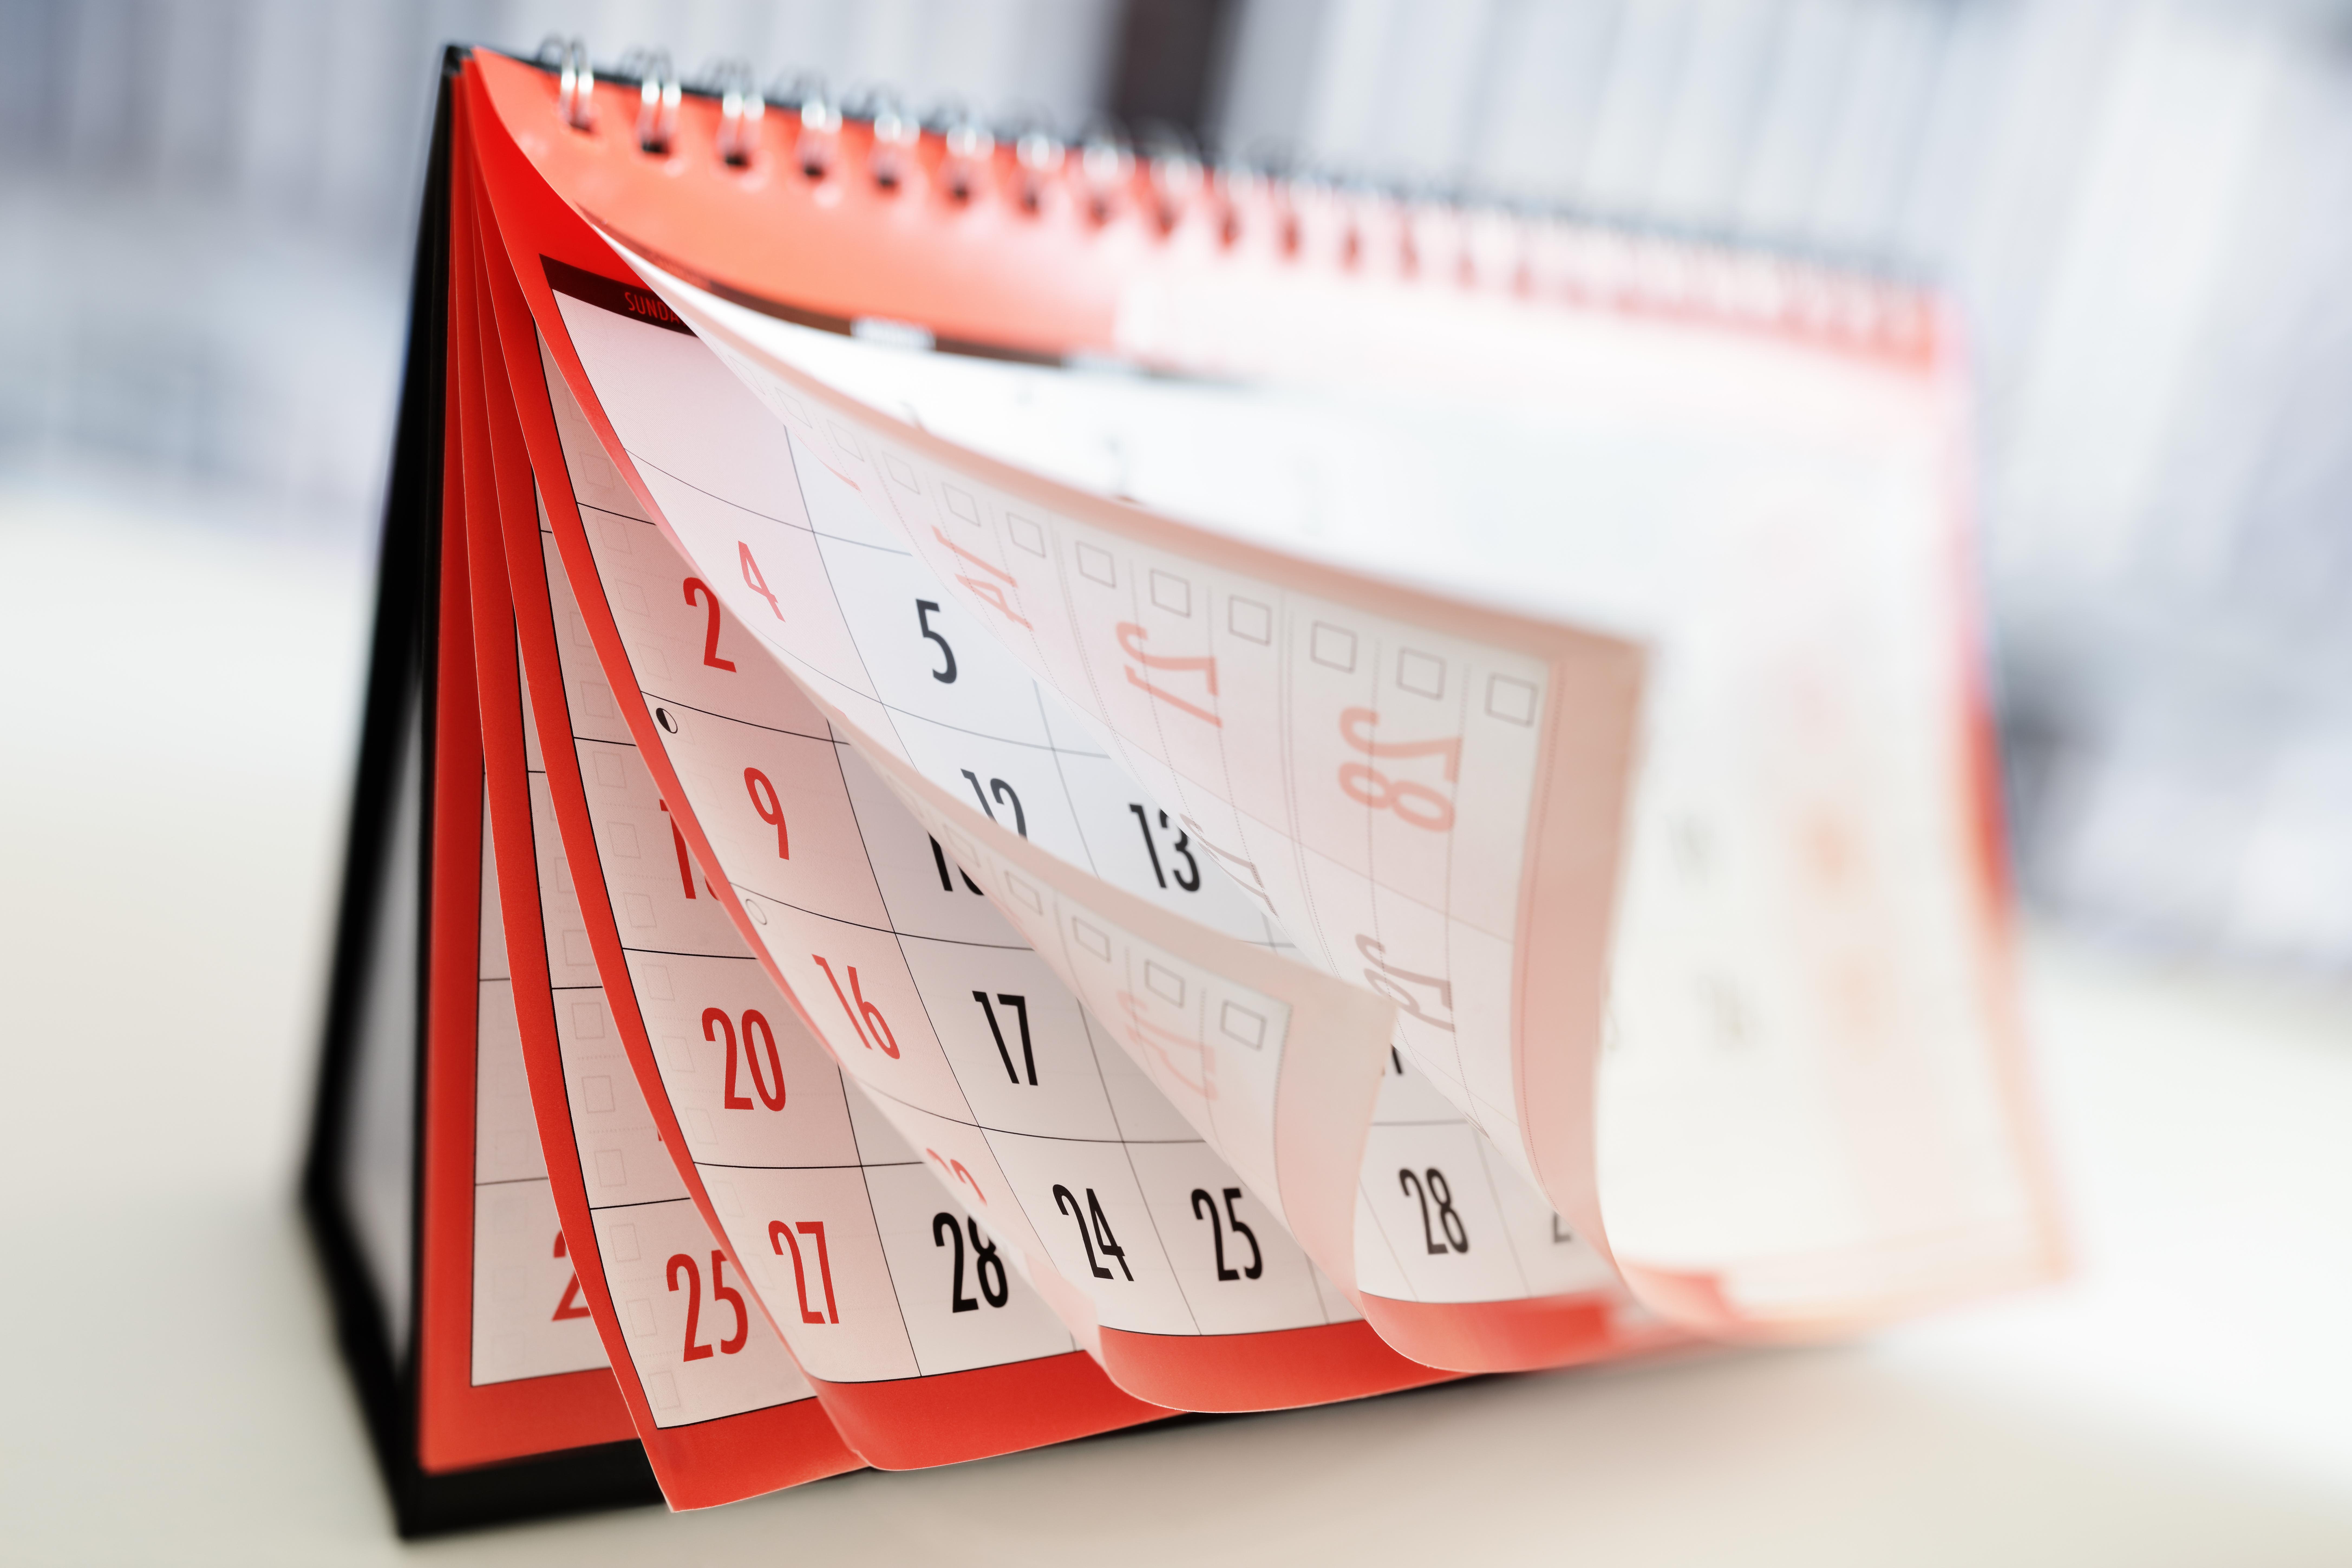 Calendario Laboral Fuenlabrada 2019.Aprobamos El Calendario Laboral De 2019 Que Contara Con 12 Dias